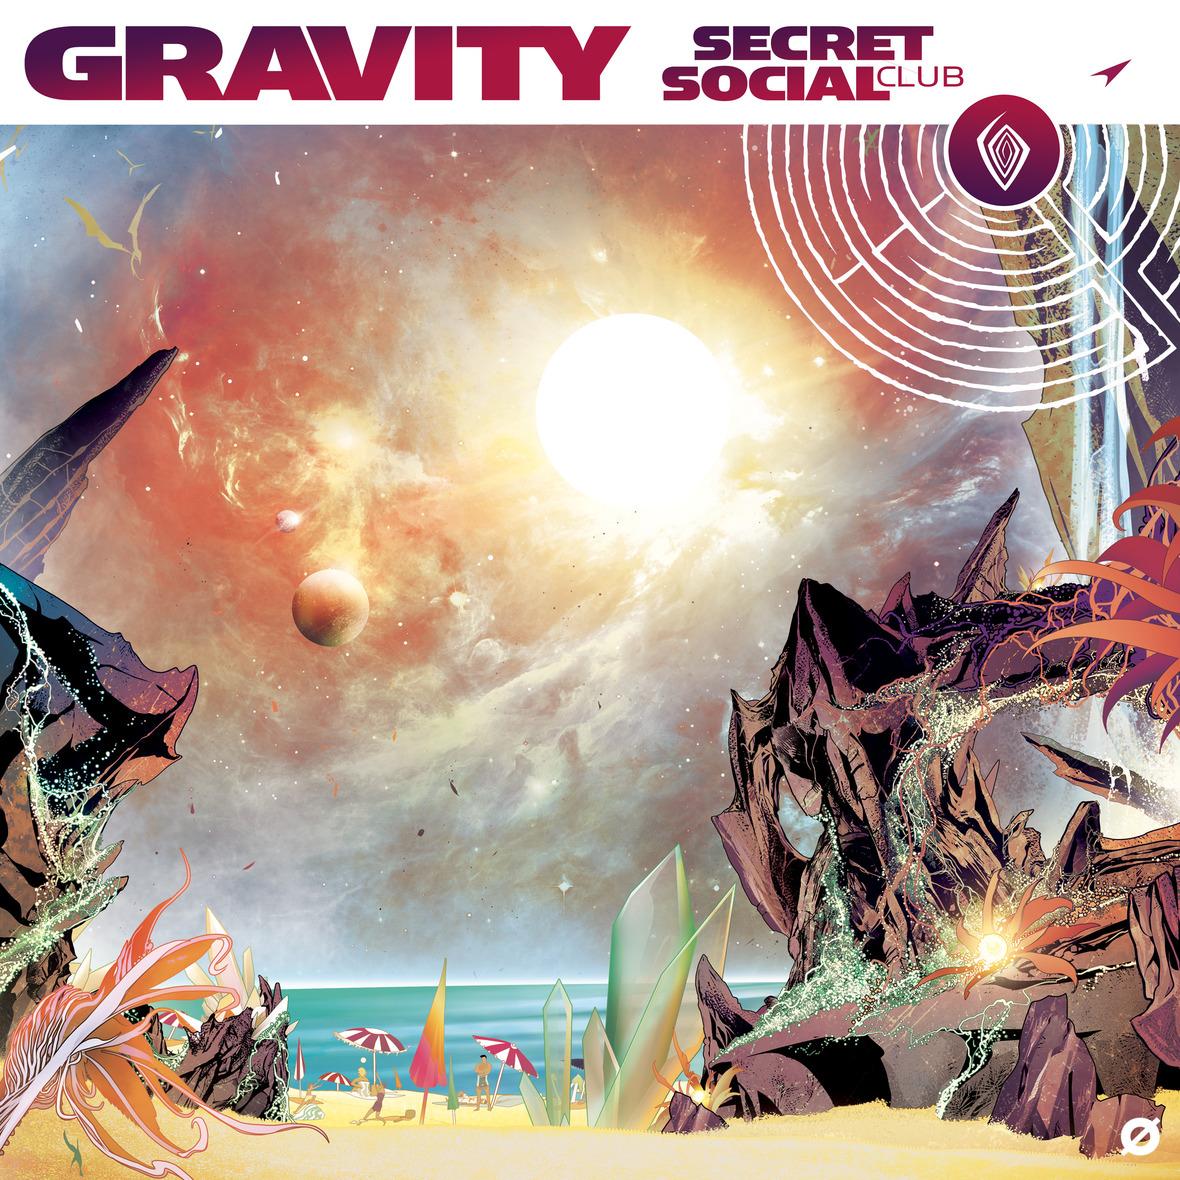 SecretSocialClub Gravity CoverArt-p1e1idp0bsvai1avud68s7j1nj4